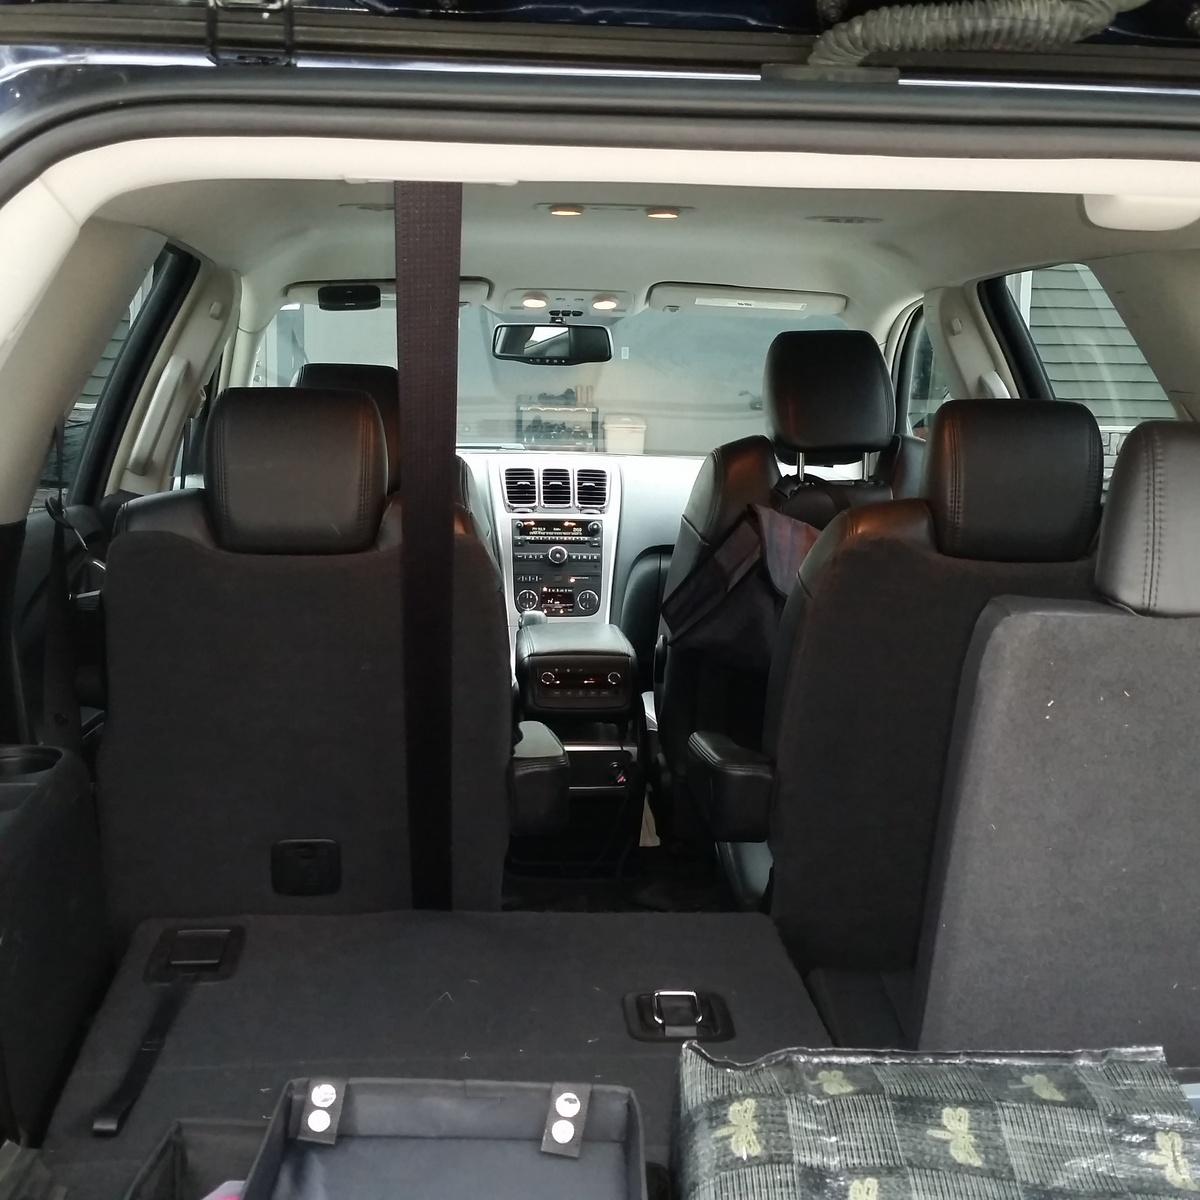 1992 Gmc Safari Cargo Interior: 2009 GMC Acadia